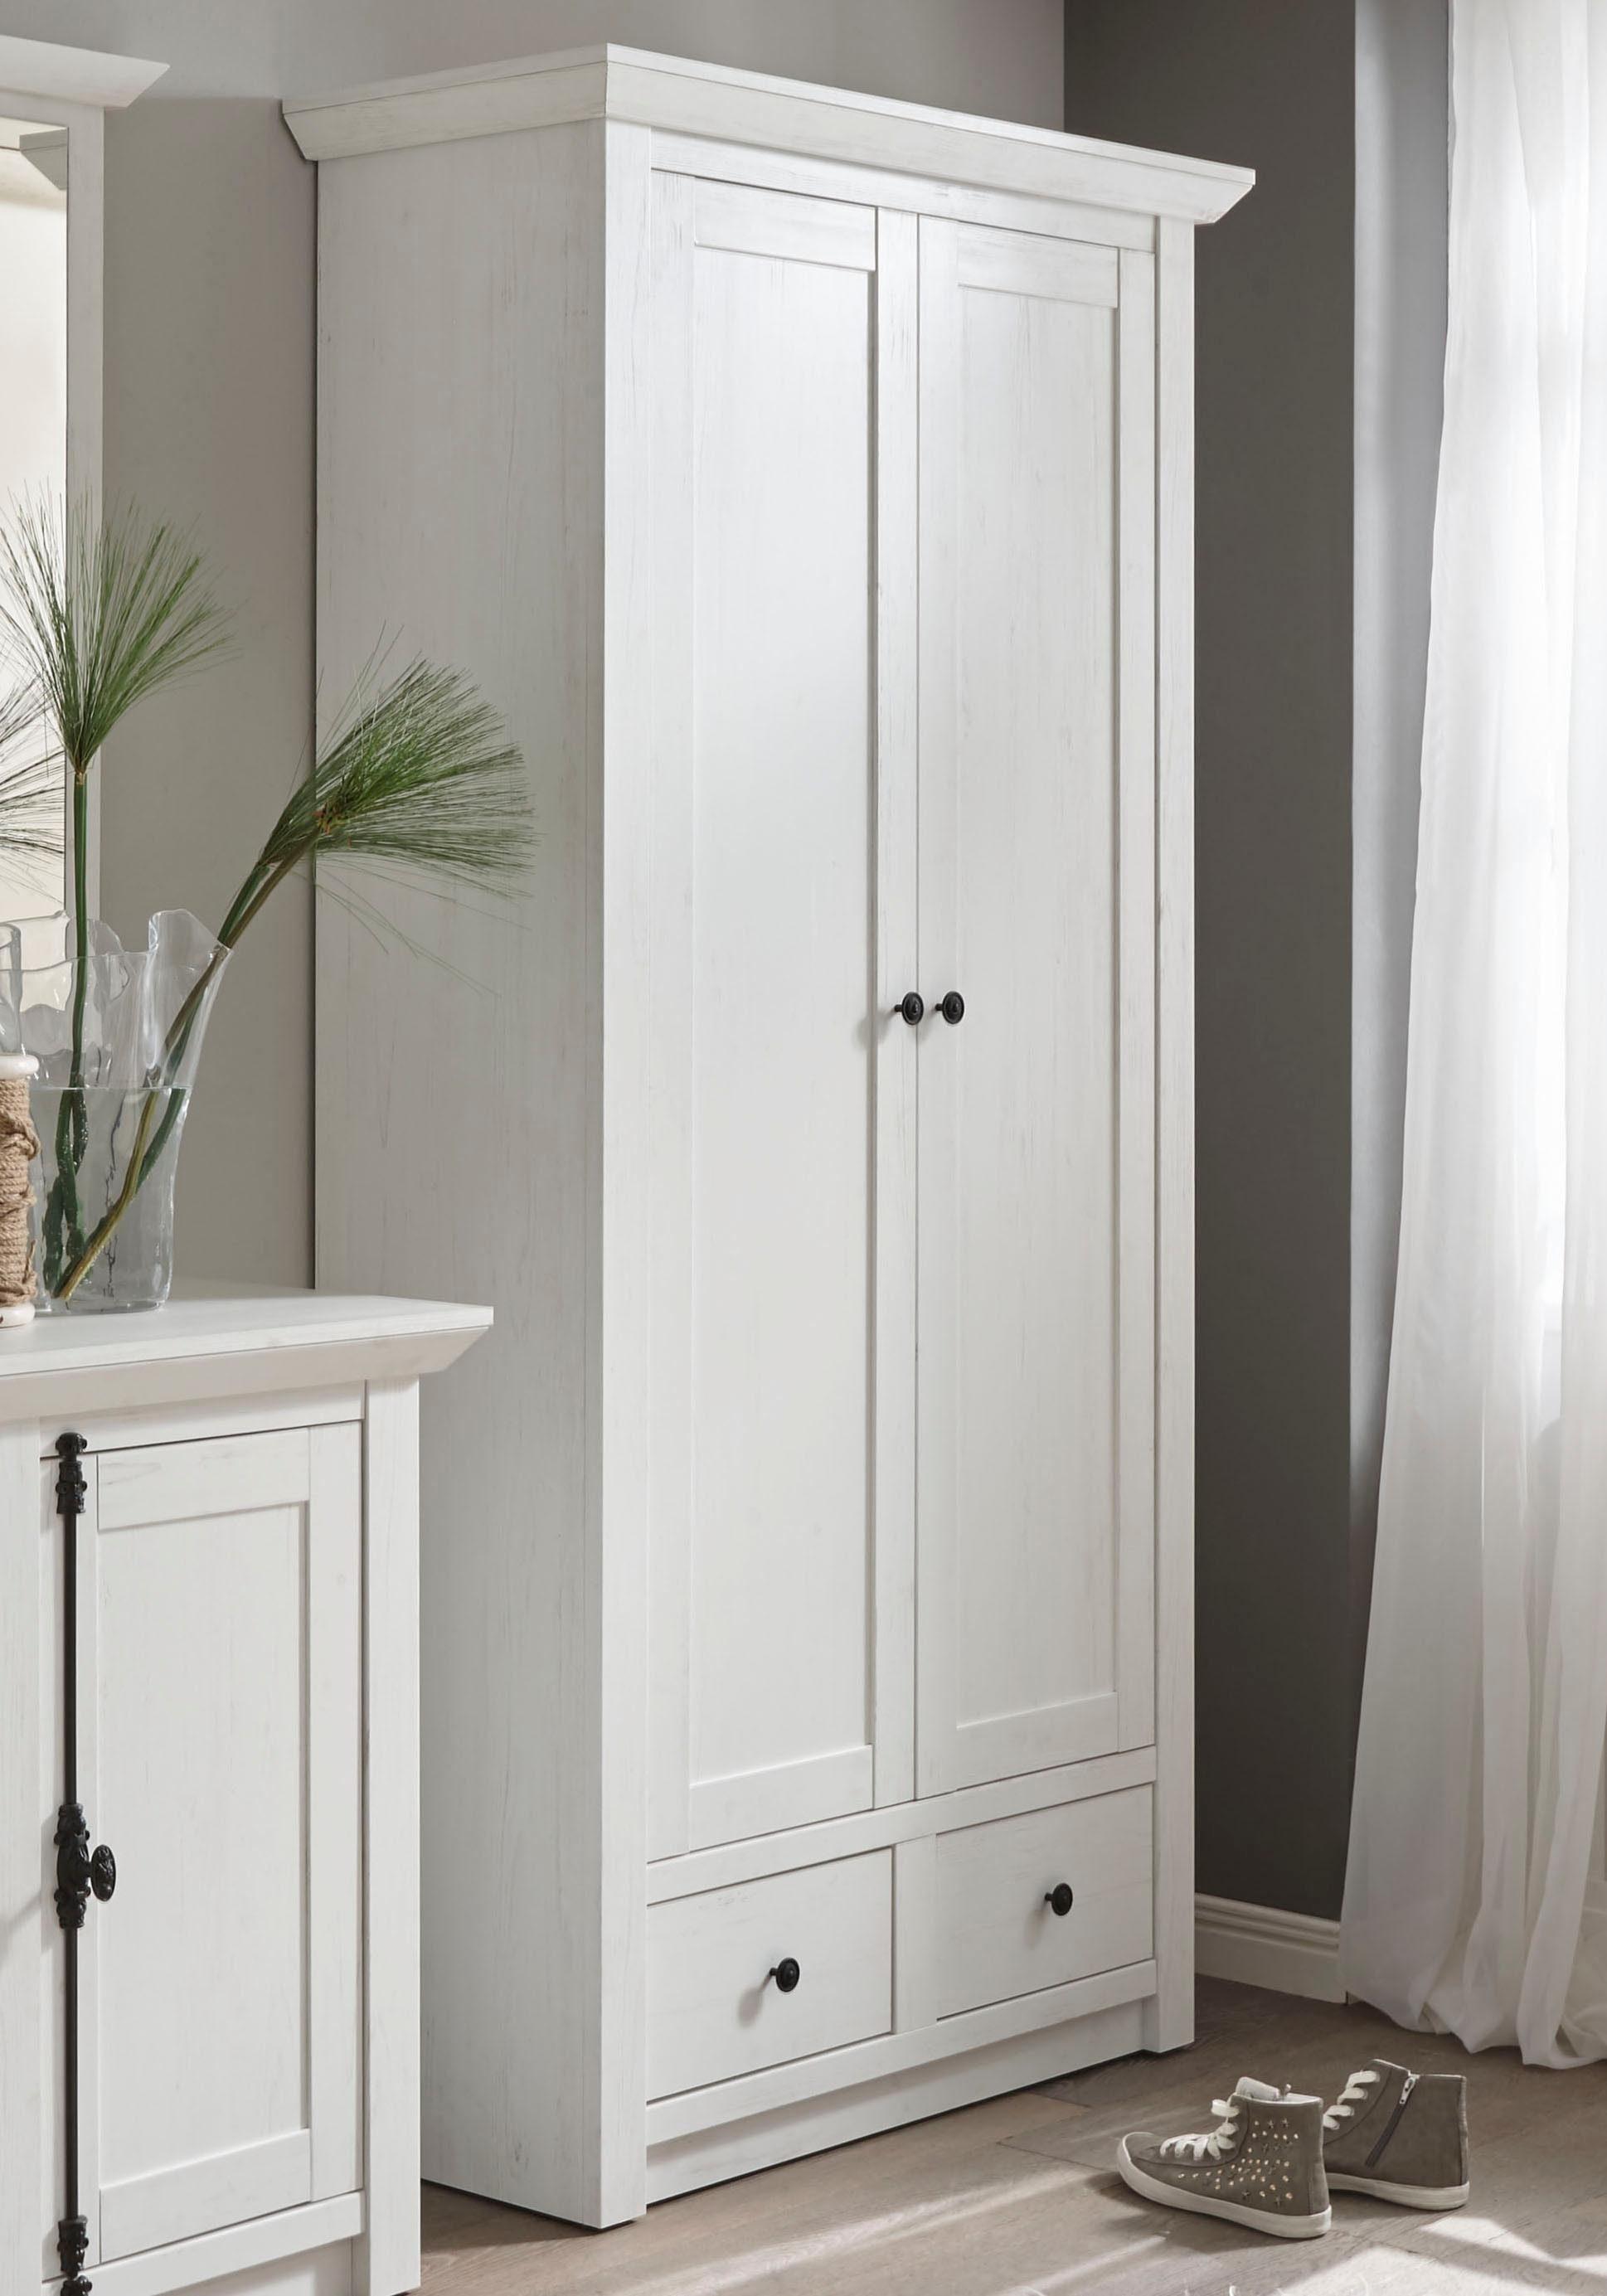 Home affaire Garderobenschrank «California» aus FSC-zertifiziertem Holzwerkstoff